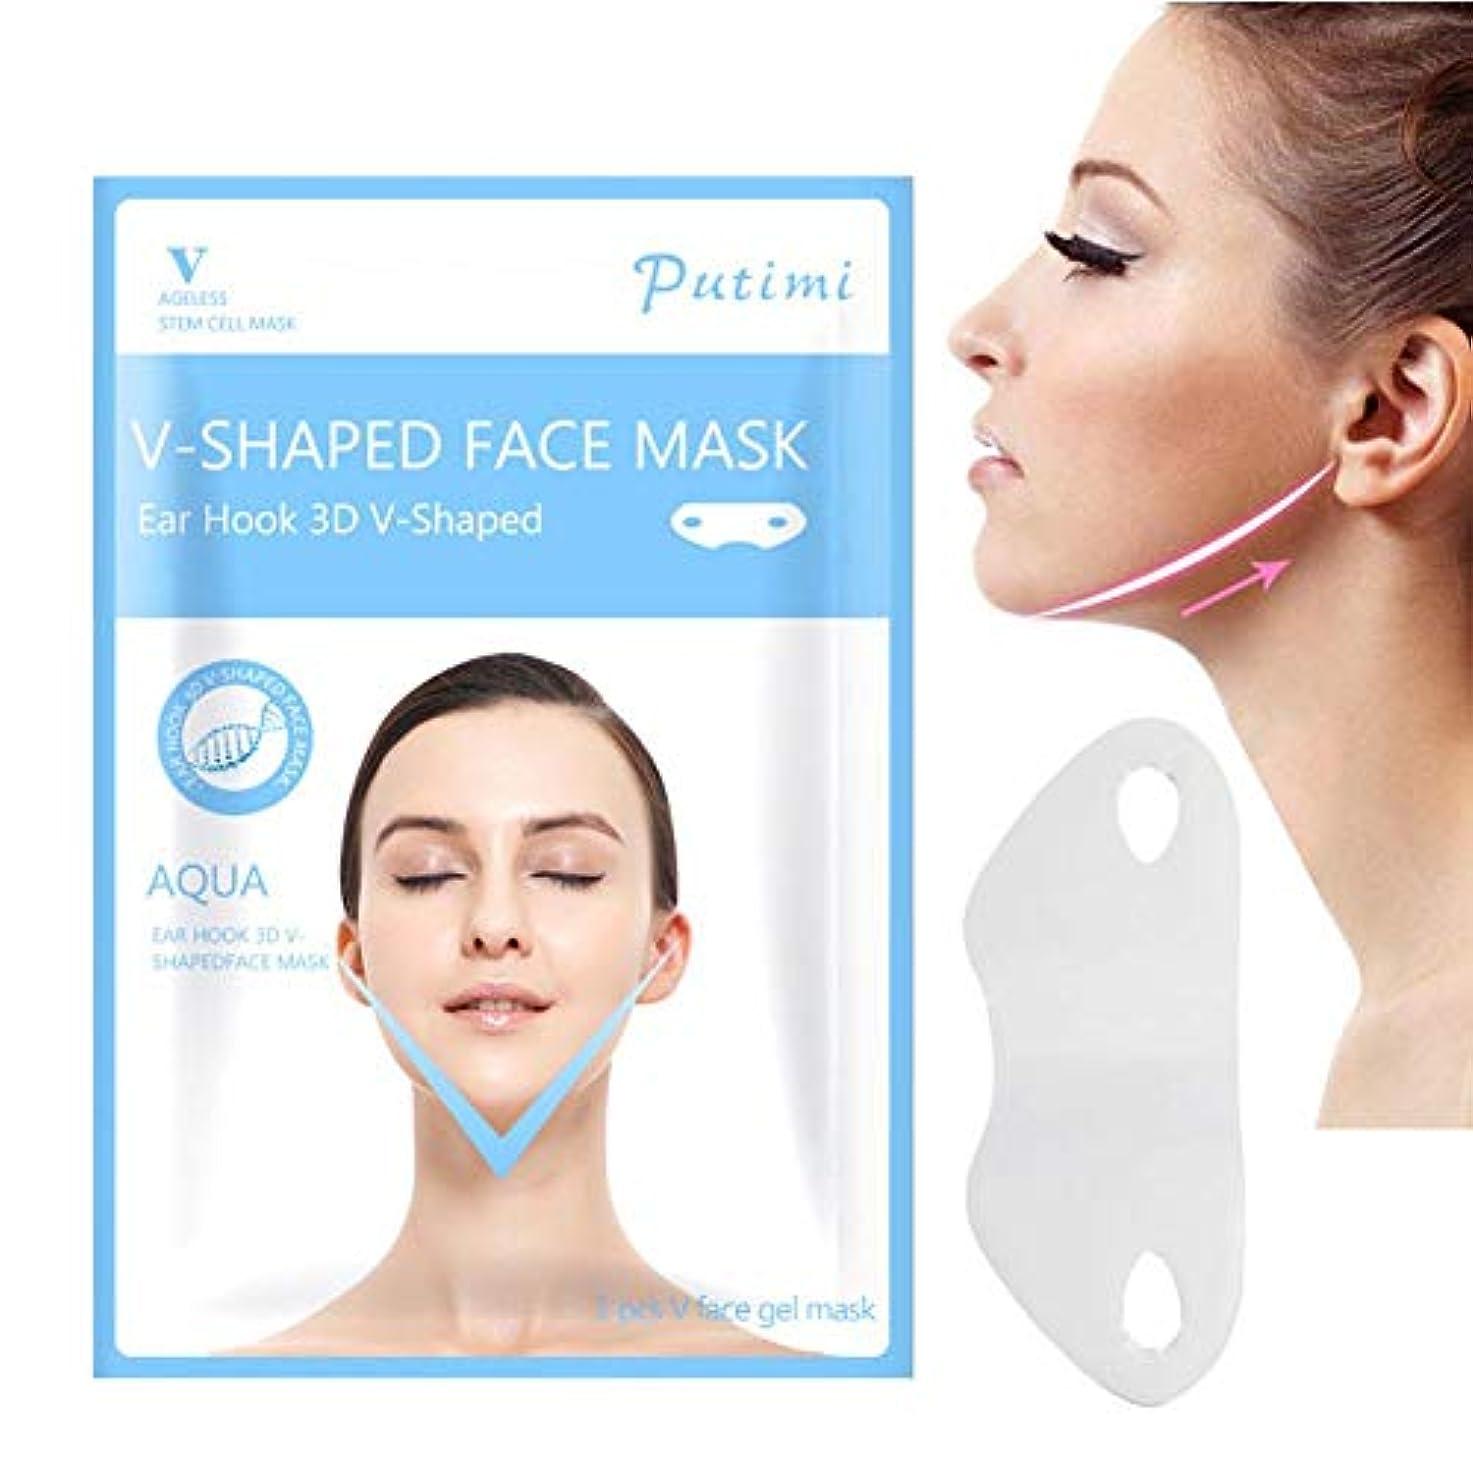 排除ジョットディボンドン開いたSILUN 最新型 Vフェイシャルマスク フェイスマスク 小顔 マスク フェイスラインベルト 美顔 顔痩せ 保湿 血行を促進する 睡眠マスク